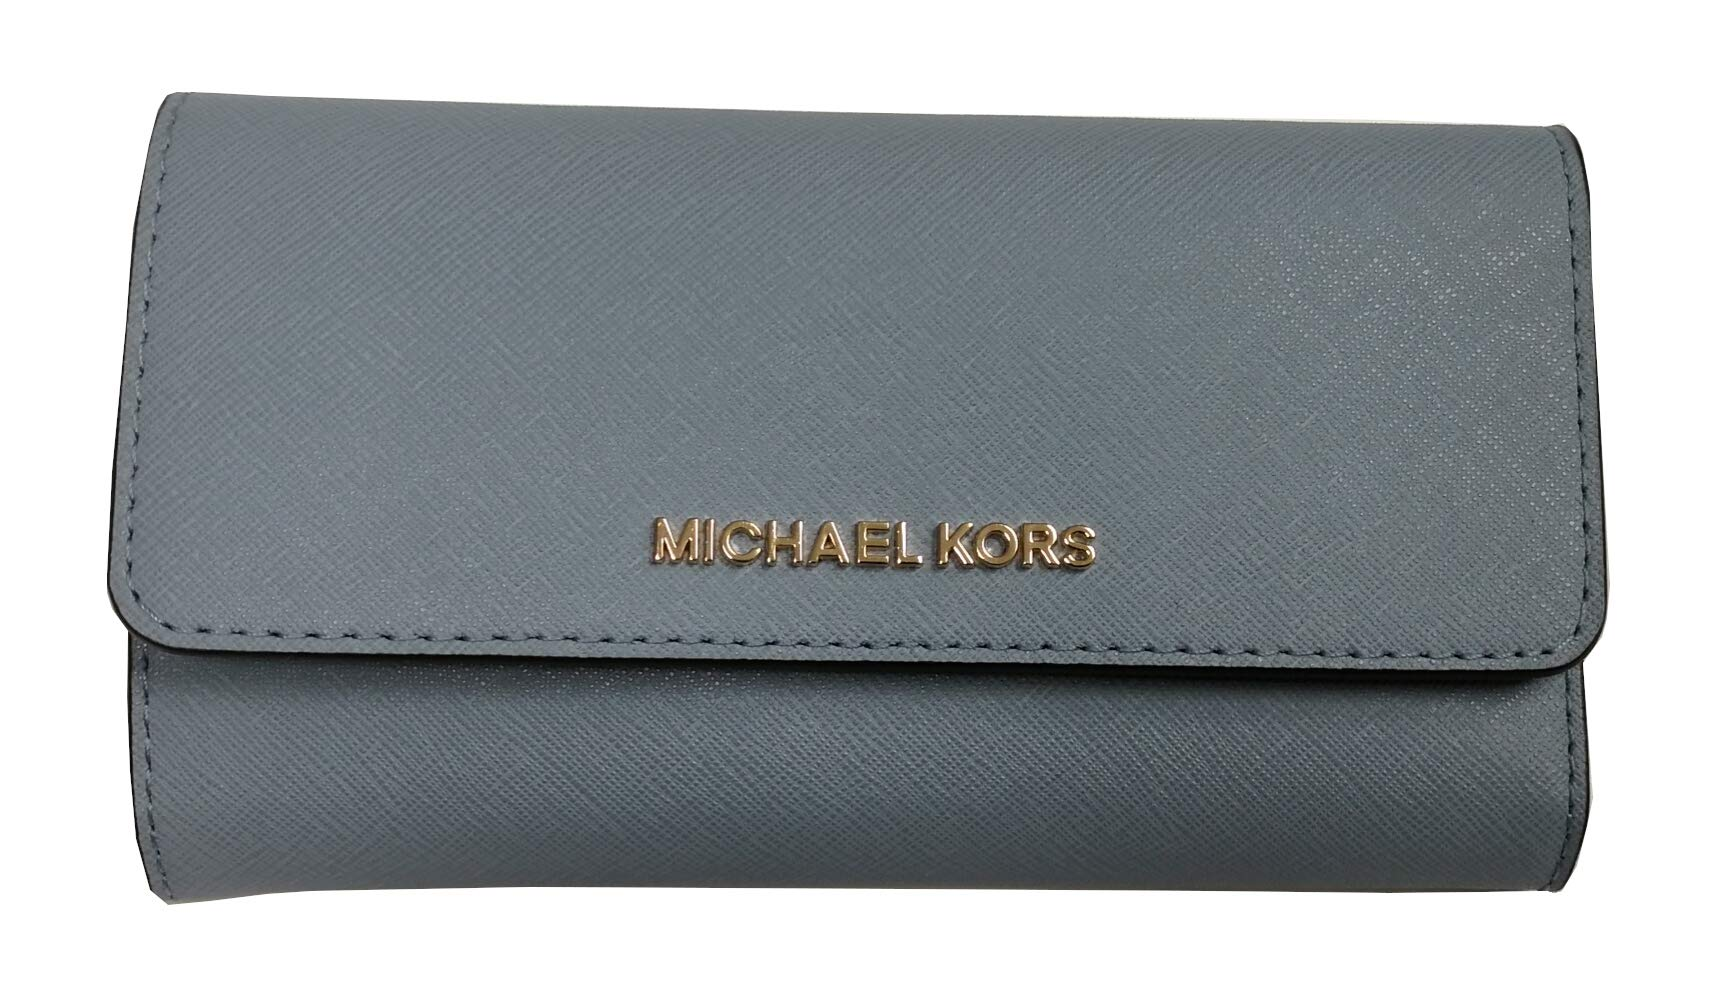 Michael Kors Jet Set Travel Large Trifold Signature PVC Leather Wallet Pale Blue Navy